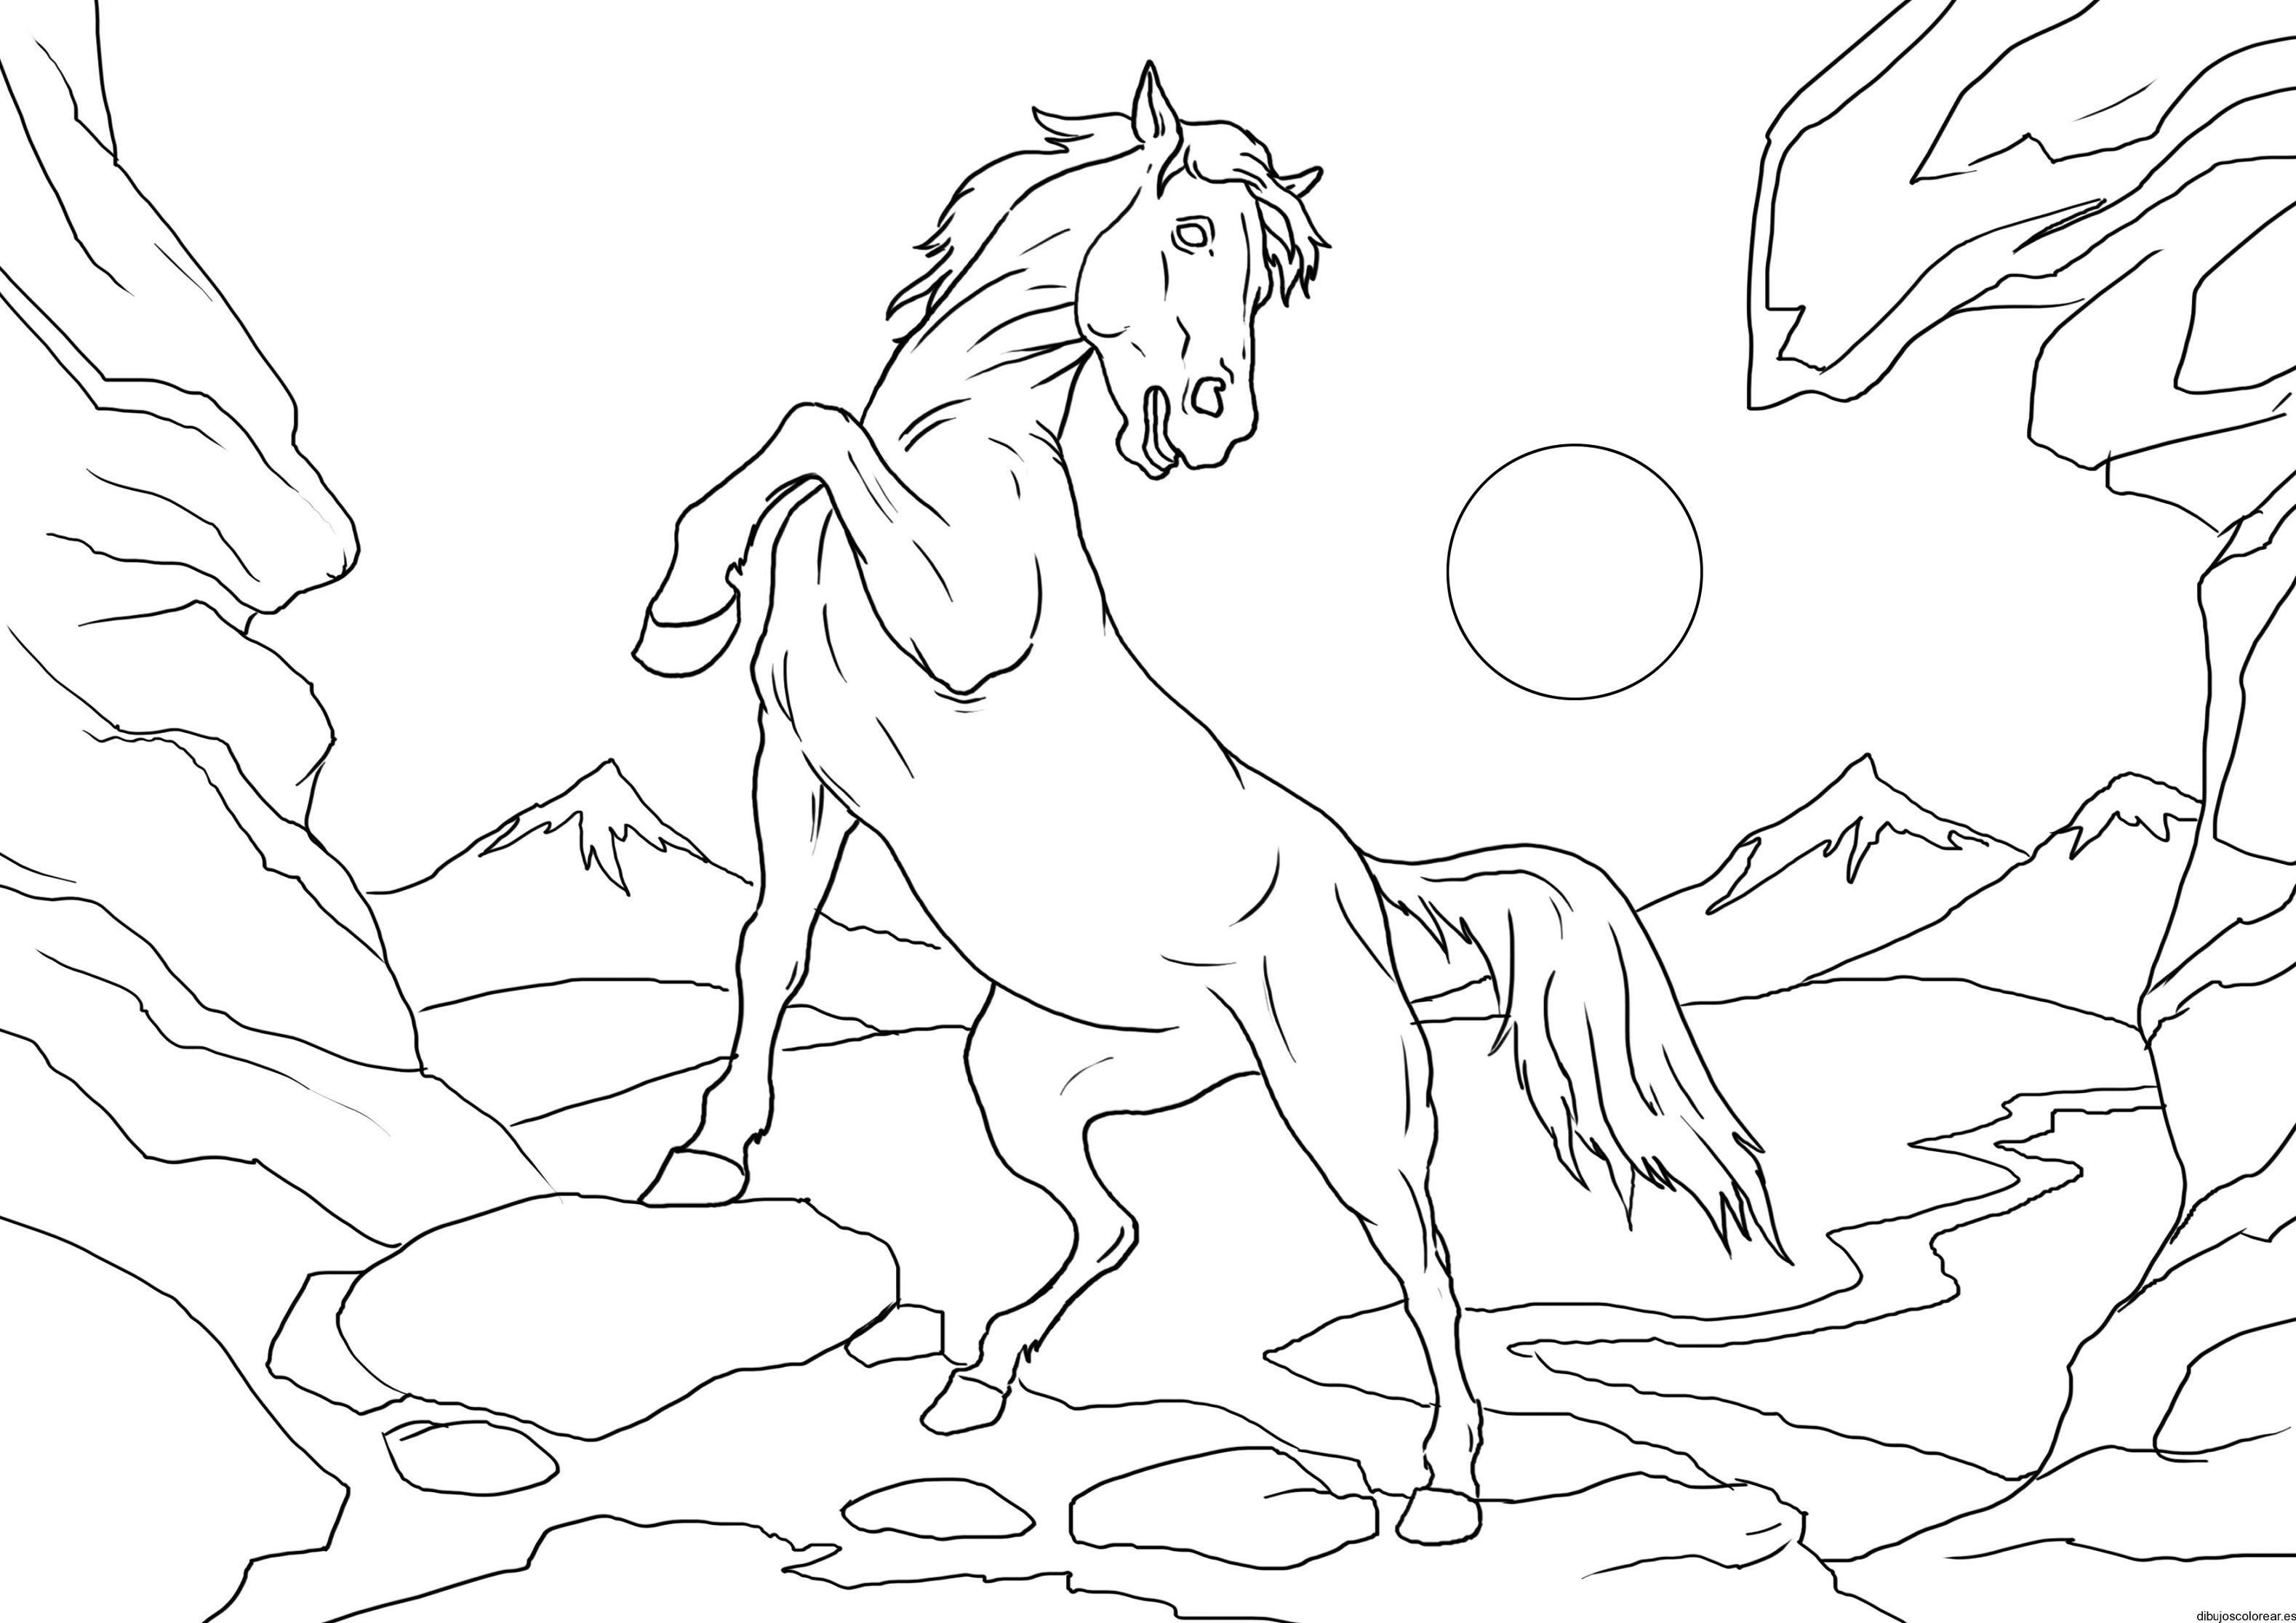 Imagenes de caballos para colorear y dibujar - Pasos para pintar ...